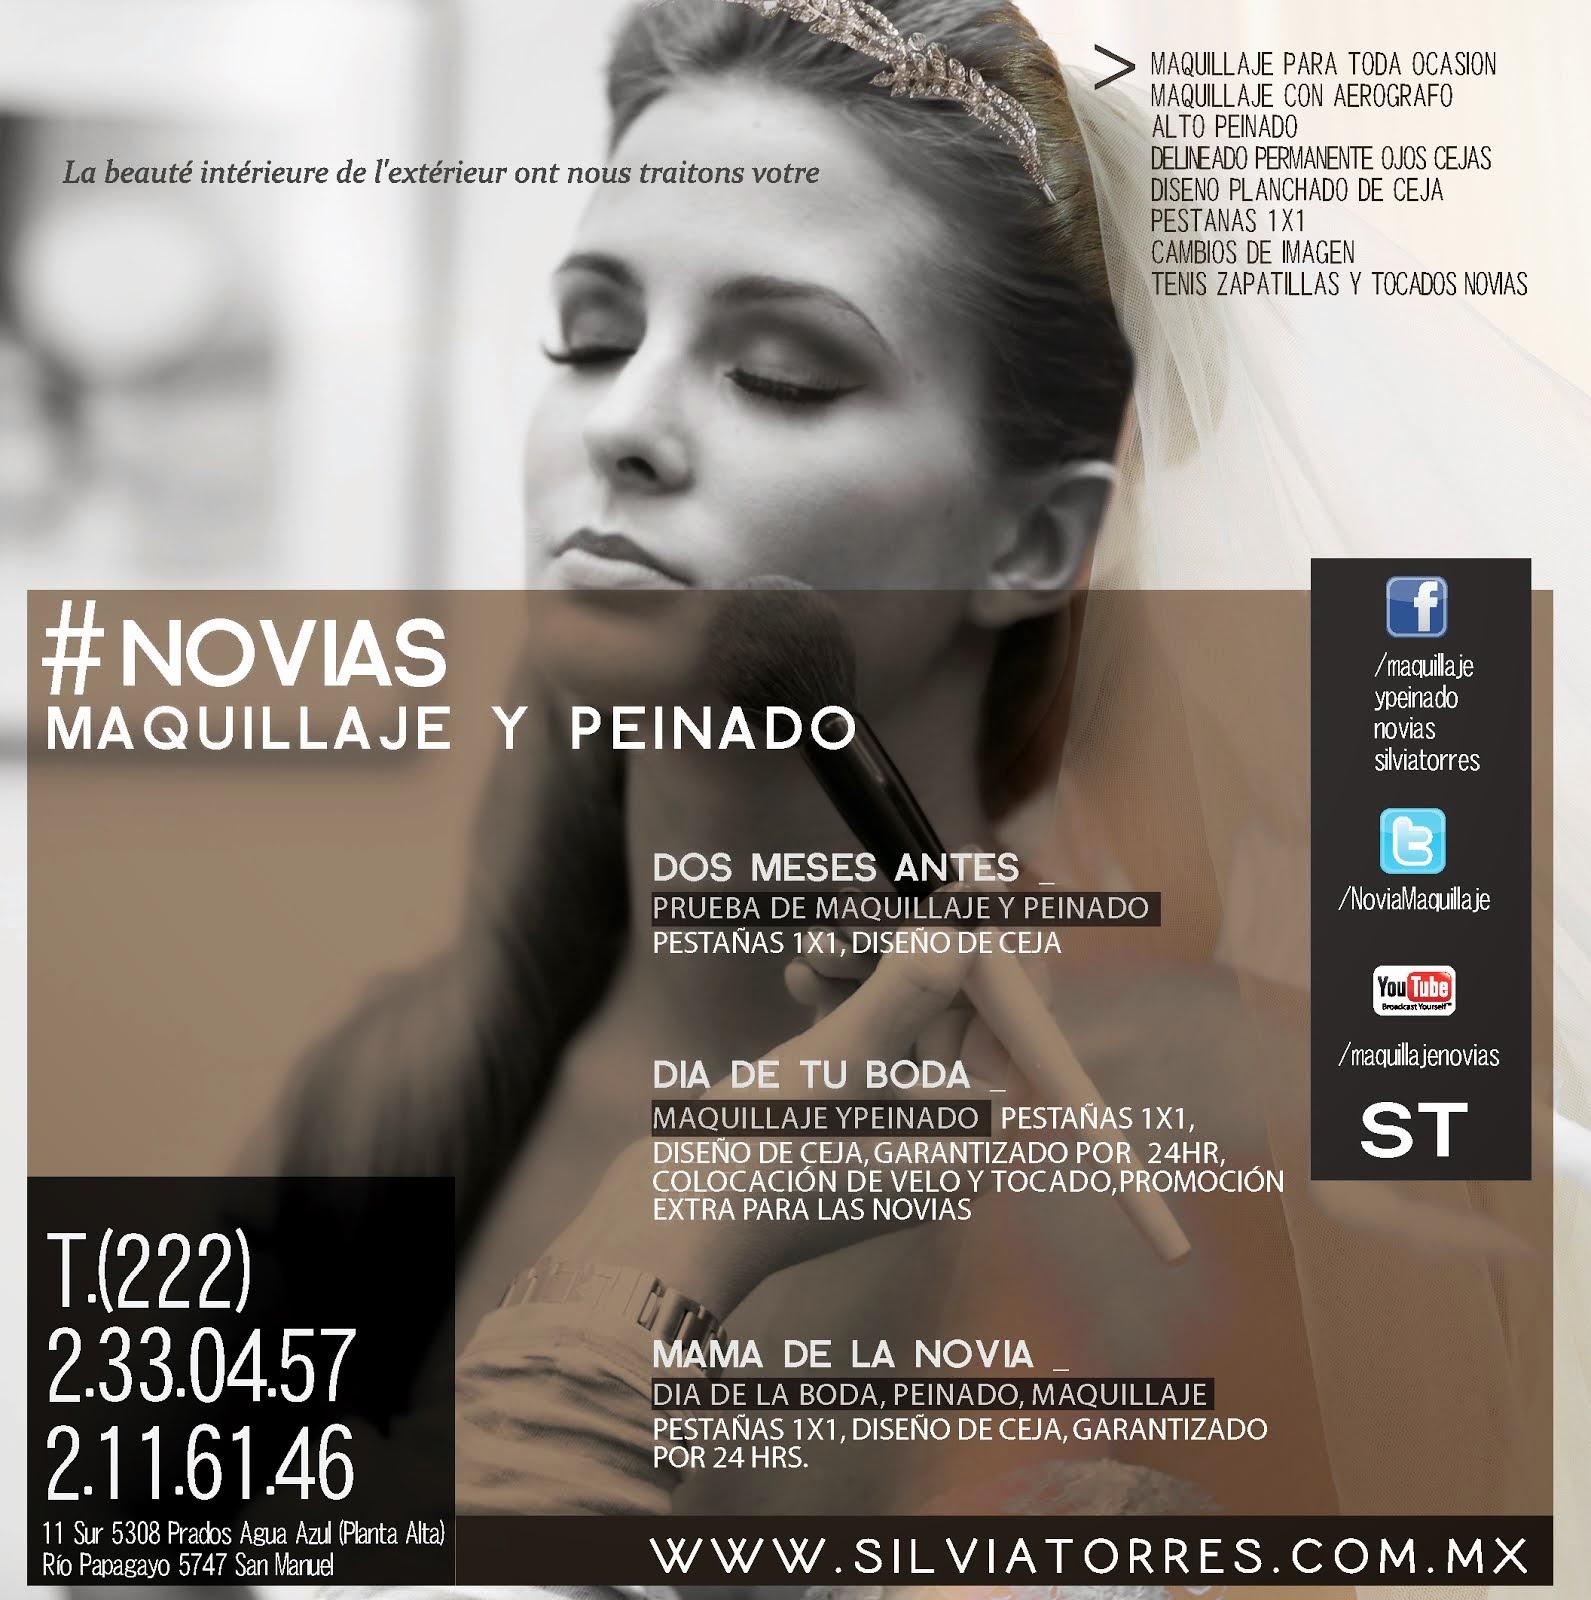 0120aab06 JUEGOS DE VESTIR Y MAQUILLAR Gratis Pais de los - Juegos De Vestir Y Maquillar  Novias